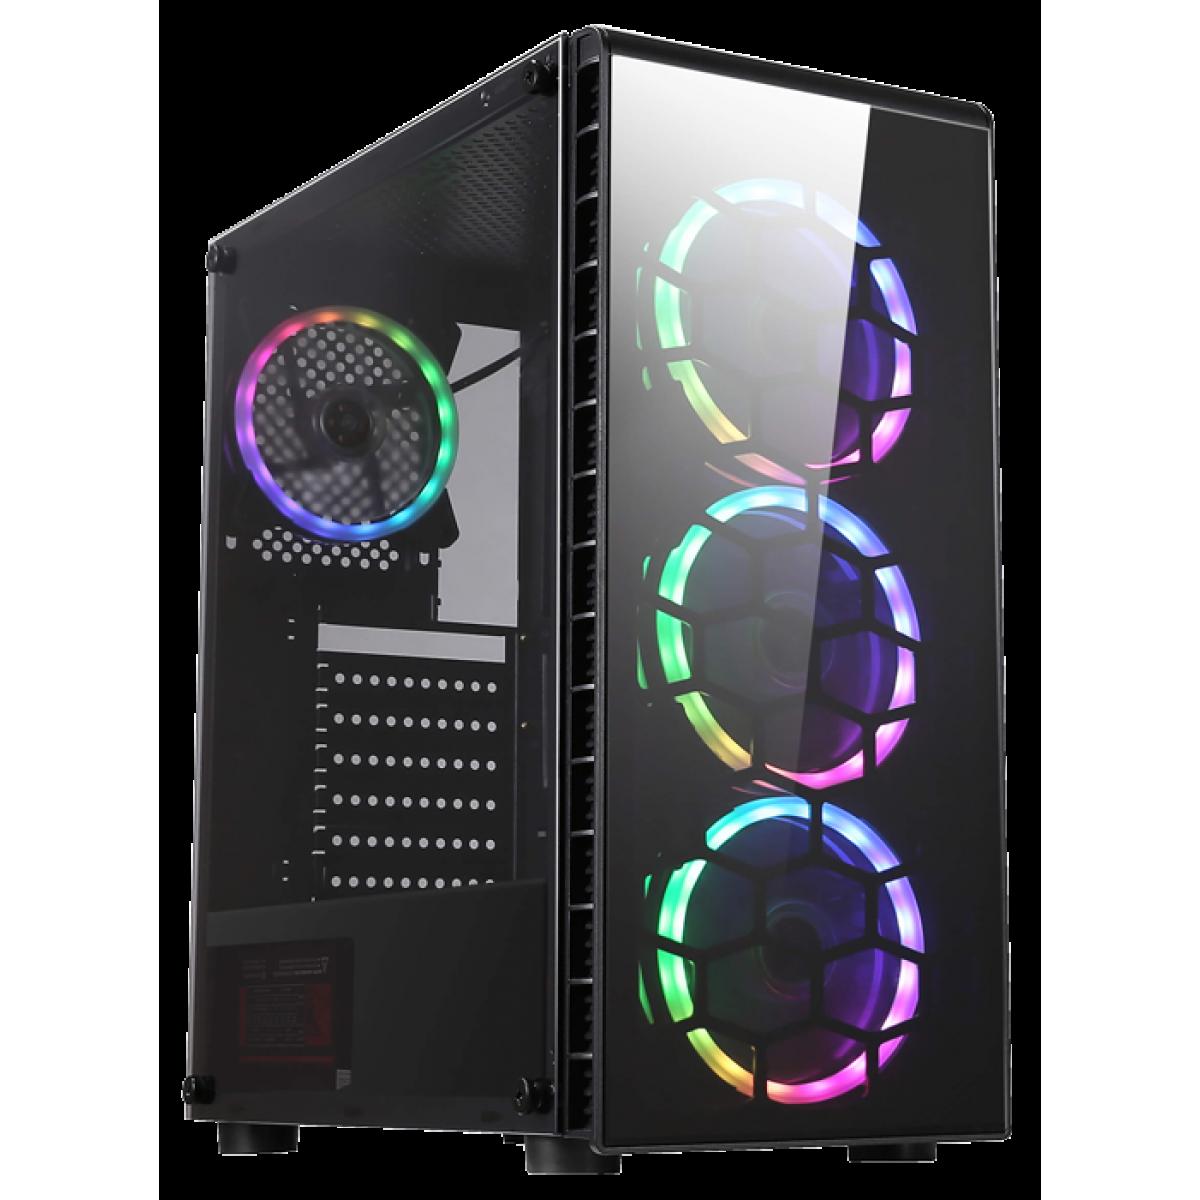 Gabinete Gamer Liketec Prysmat RGB, Vidro Temperado, Mid Tower, Black, Sem Fonte, Com 3 Fans